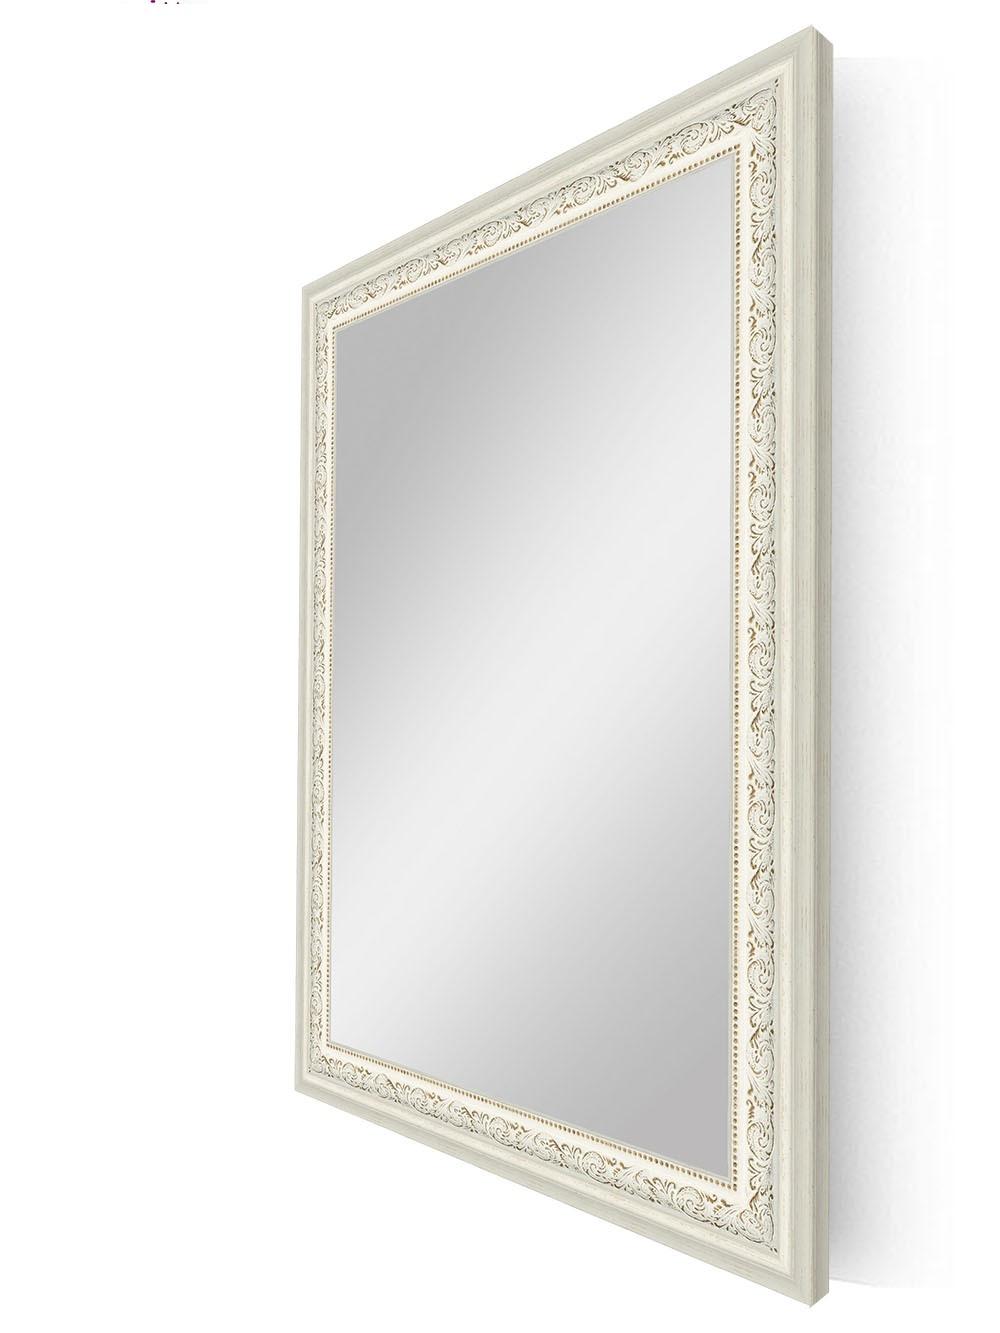 Купить Настенное зеркало в белой раме, inmyroom, Россия